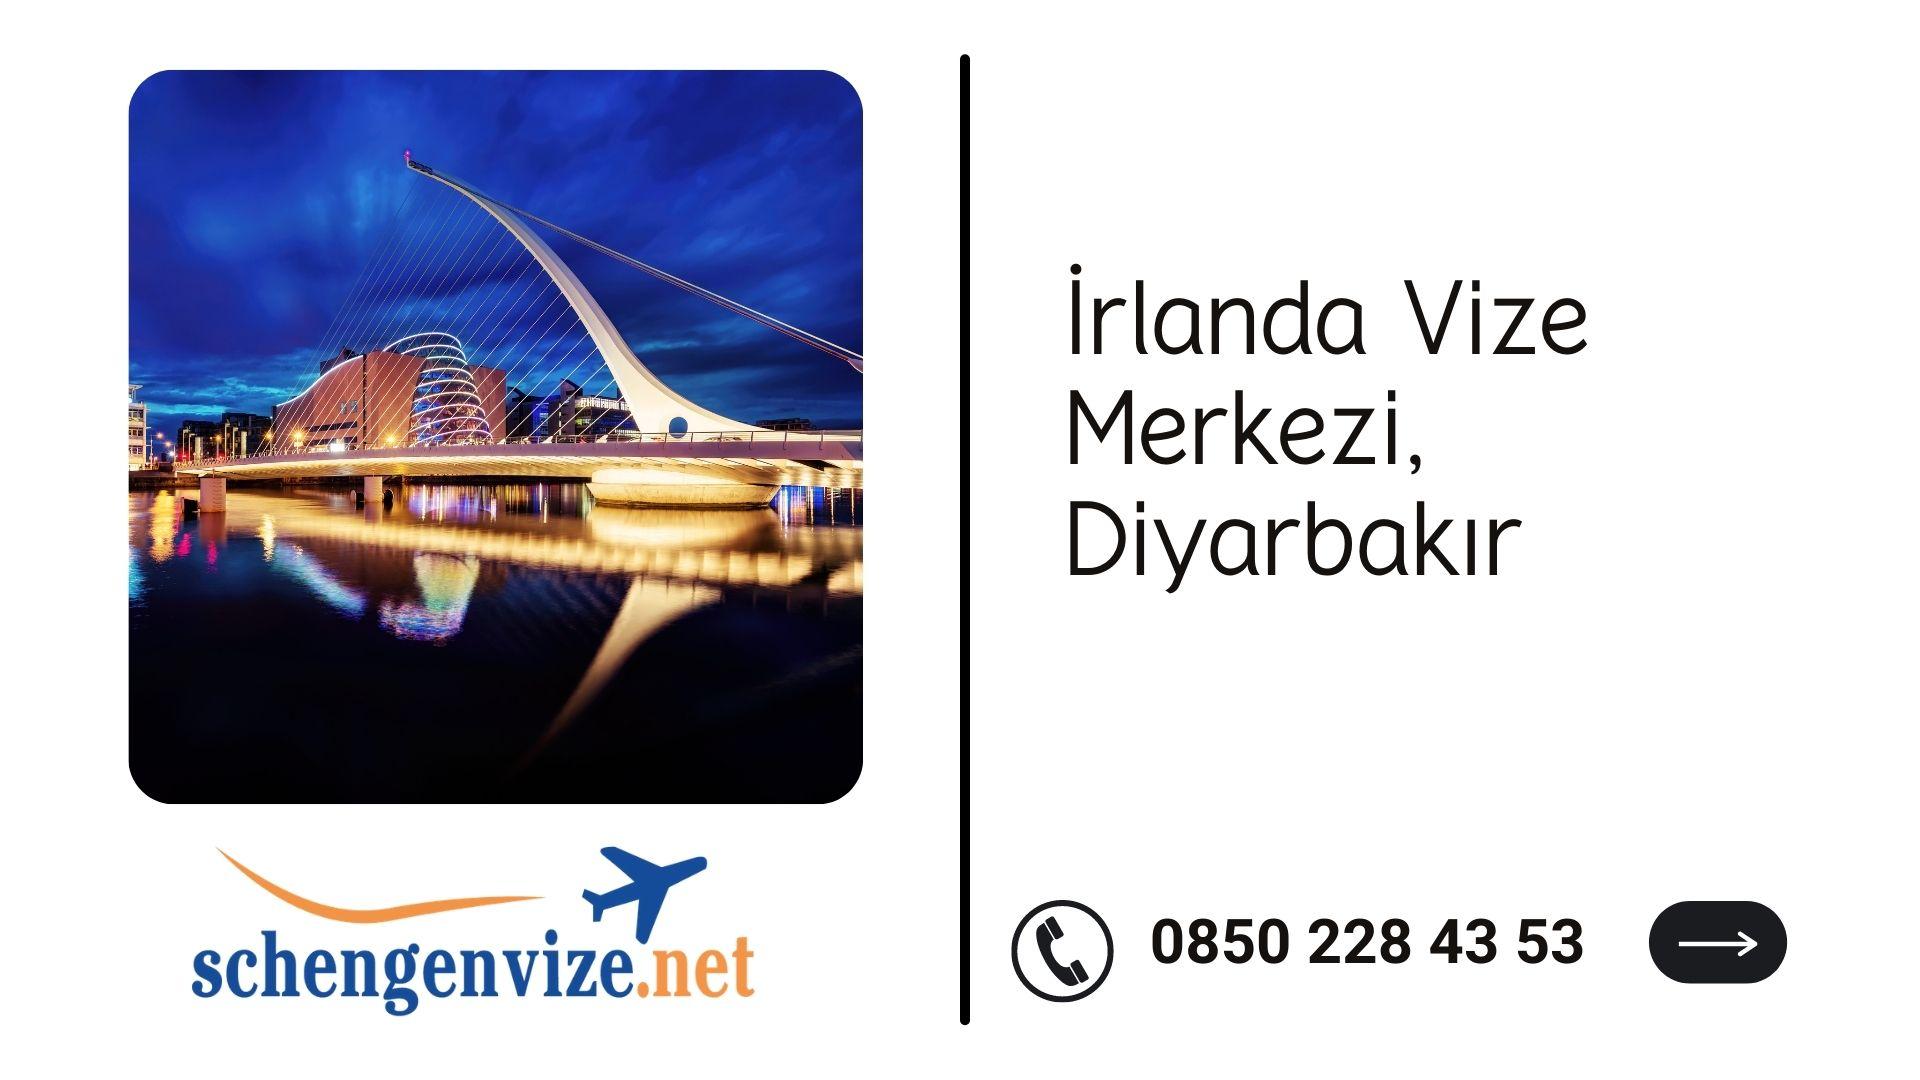 İrlanda Vize Merkezi, Diyarbakır